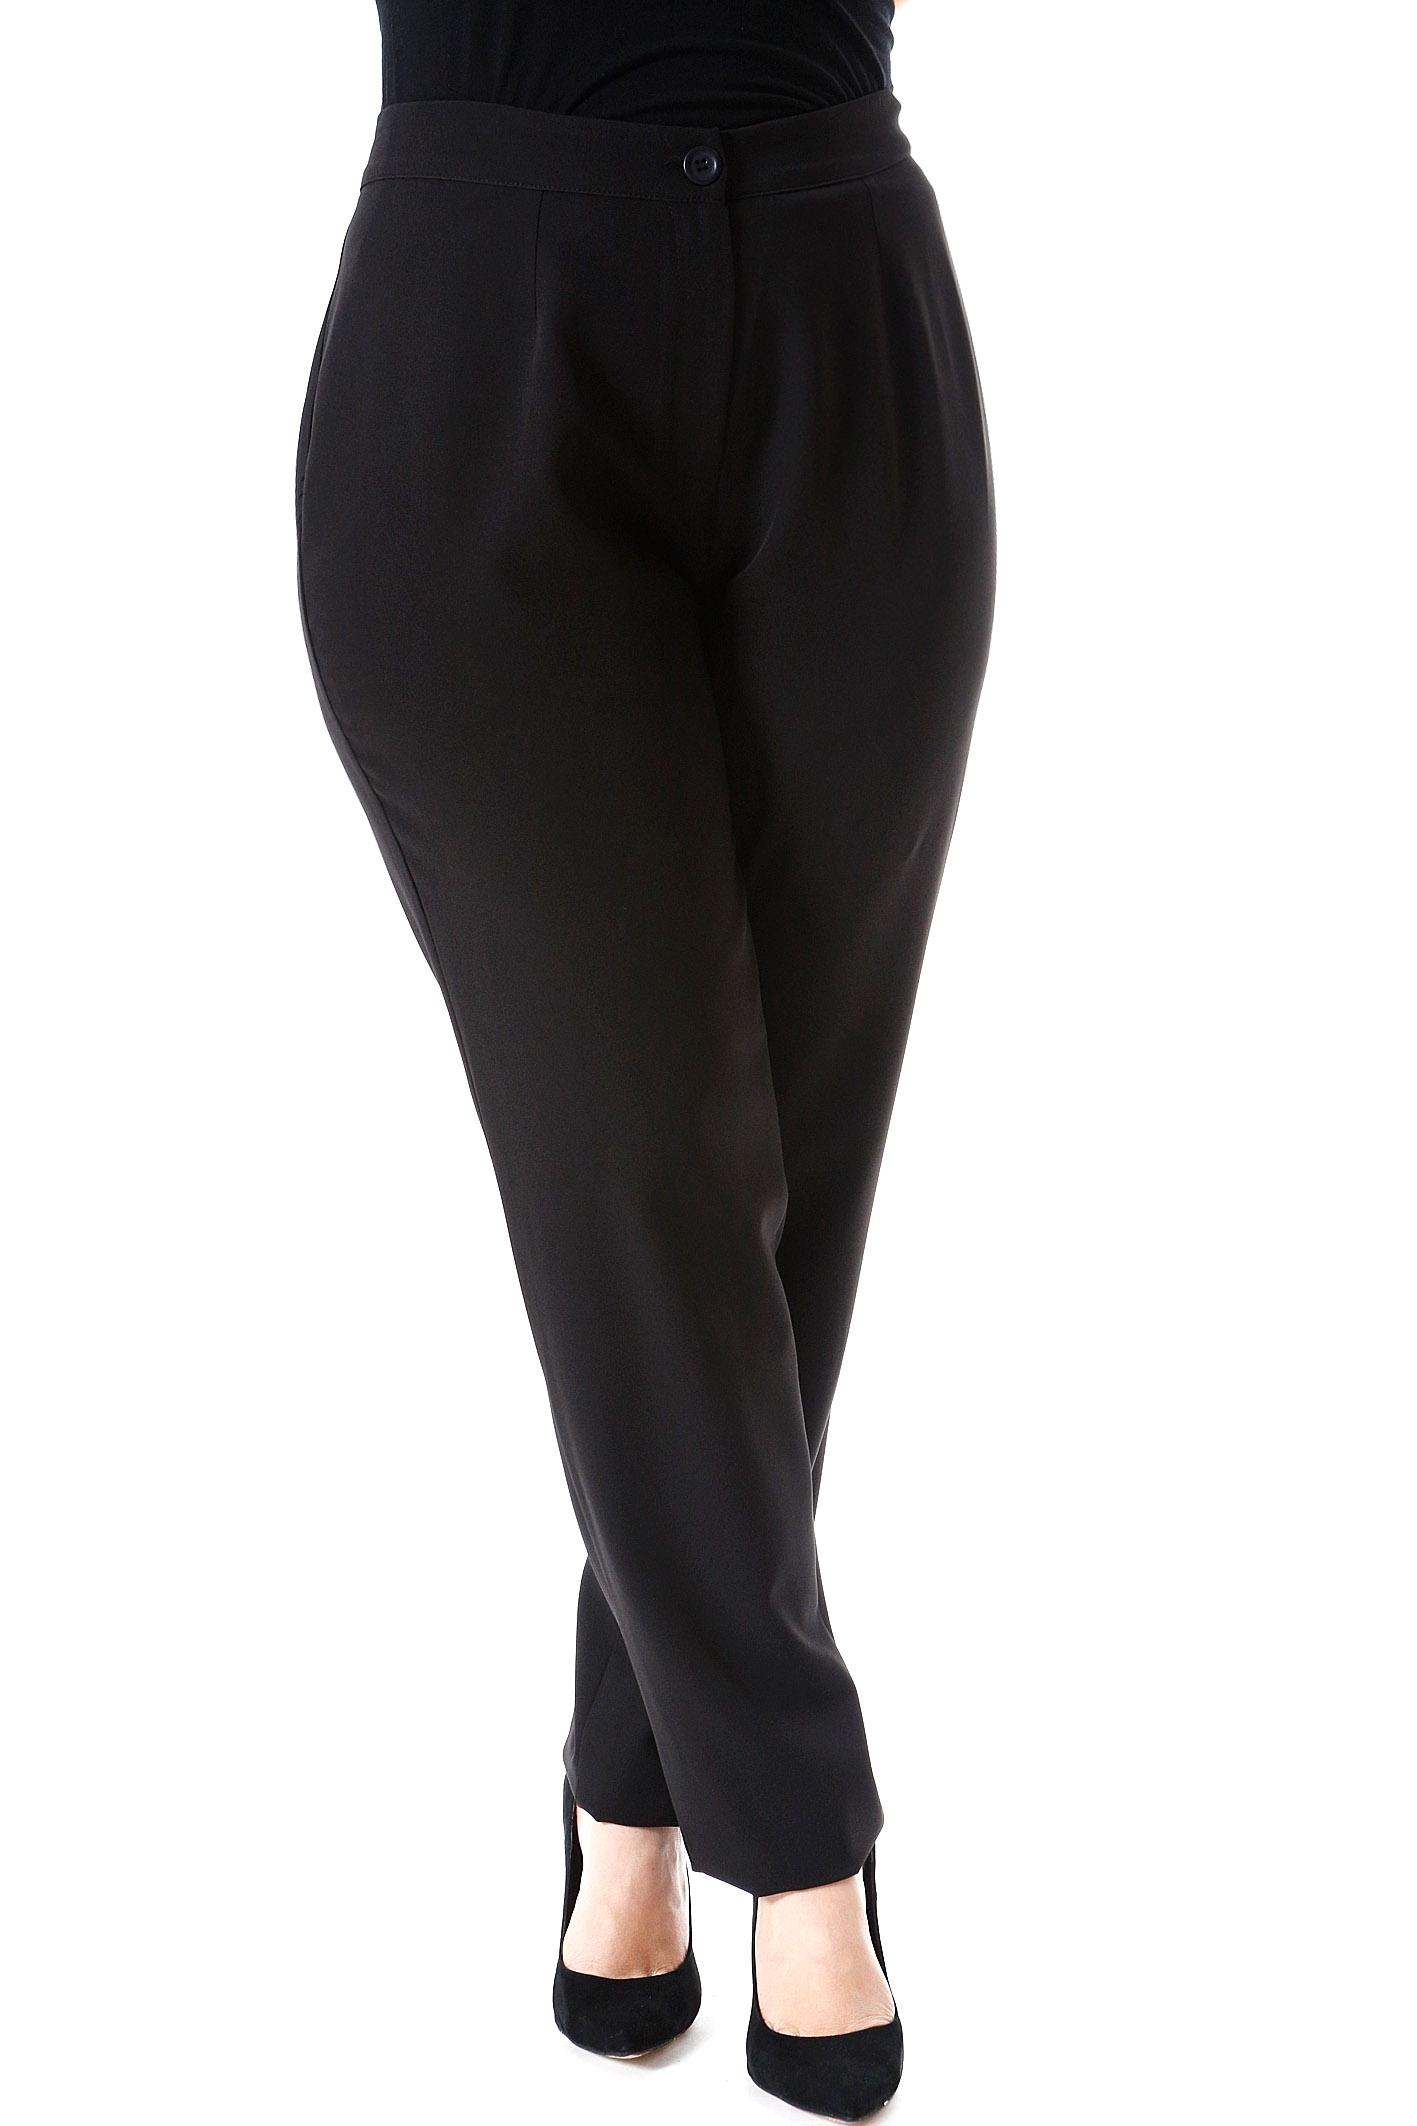 Παντελόνι με πιέτες Κλείνει με κουμπί και φερμουάρ Ίσια γραμμή Μαύρο χρώμα Διαθέσιμα μεγέθη από S έως 3XL. Σύνθεση: 92%POL 8%SP. Το μοντέλο έχει ύψος 1.75cm και φοράει μέγεθος S.